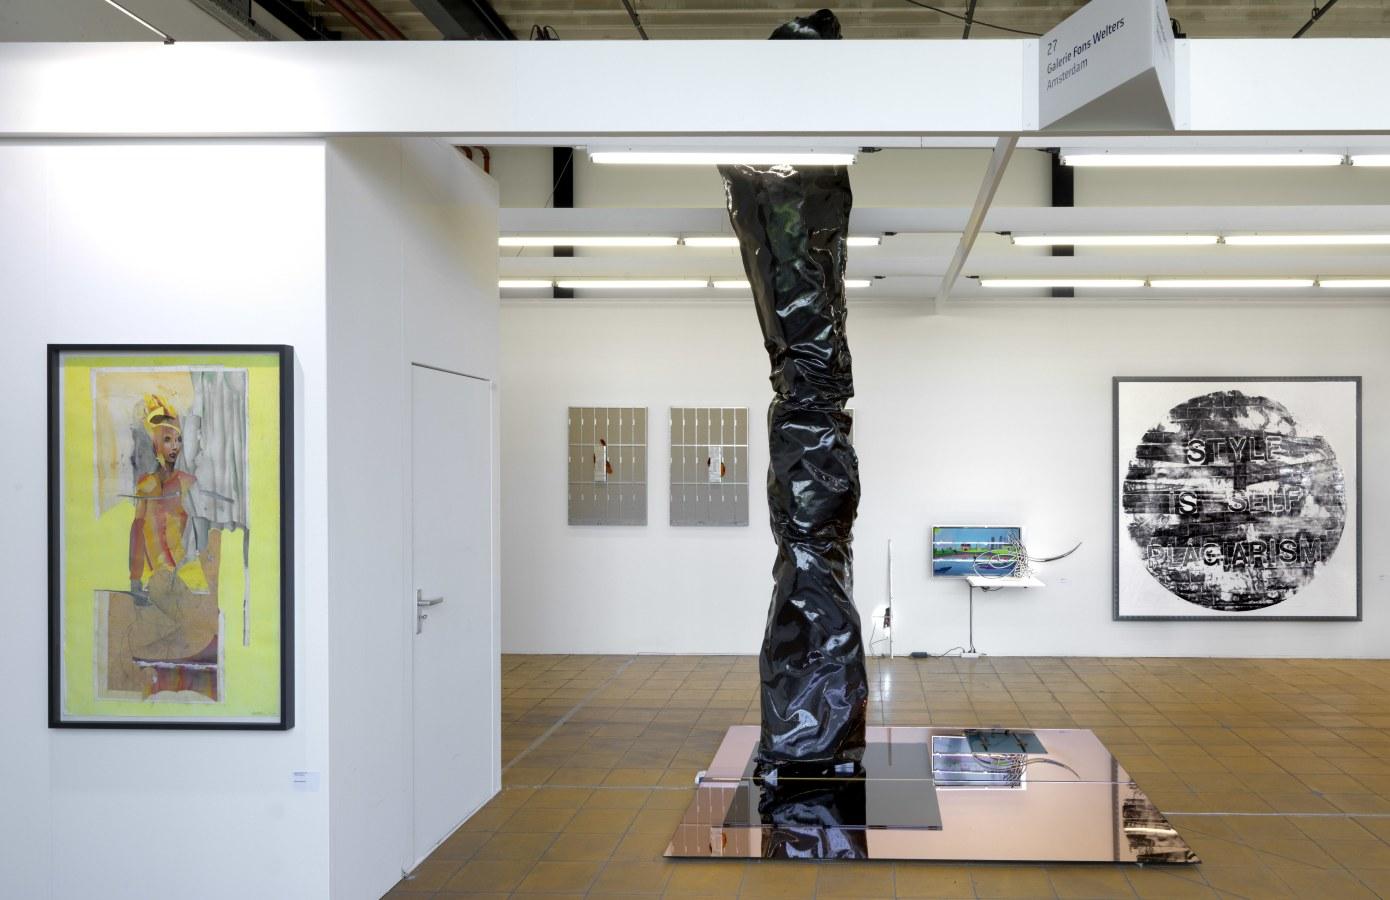 Art Rotterdam 2019, Berend Strik, Evelyn Taocheng Wang, Femmy Otten, Folkert de Jong, Maria Roosen, Sven Kroner, Tom Claassen, Win McCarthy,